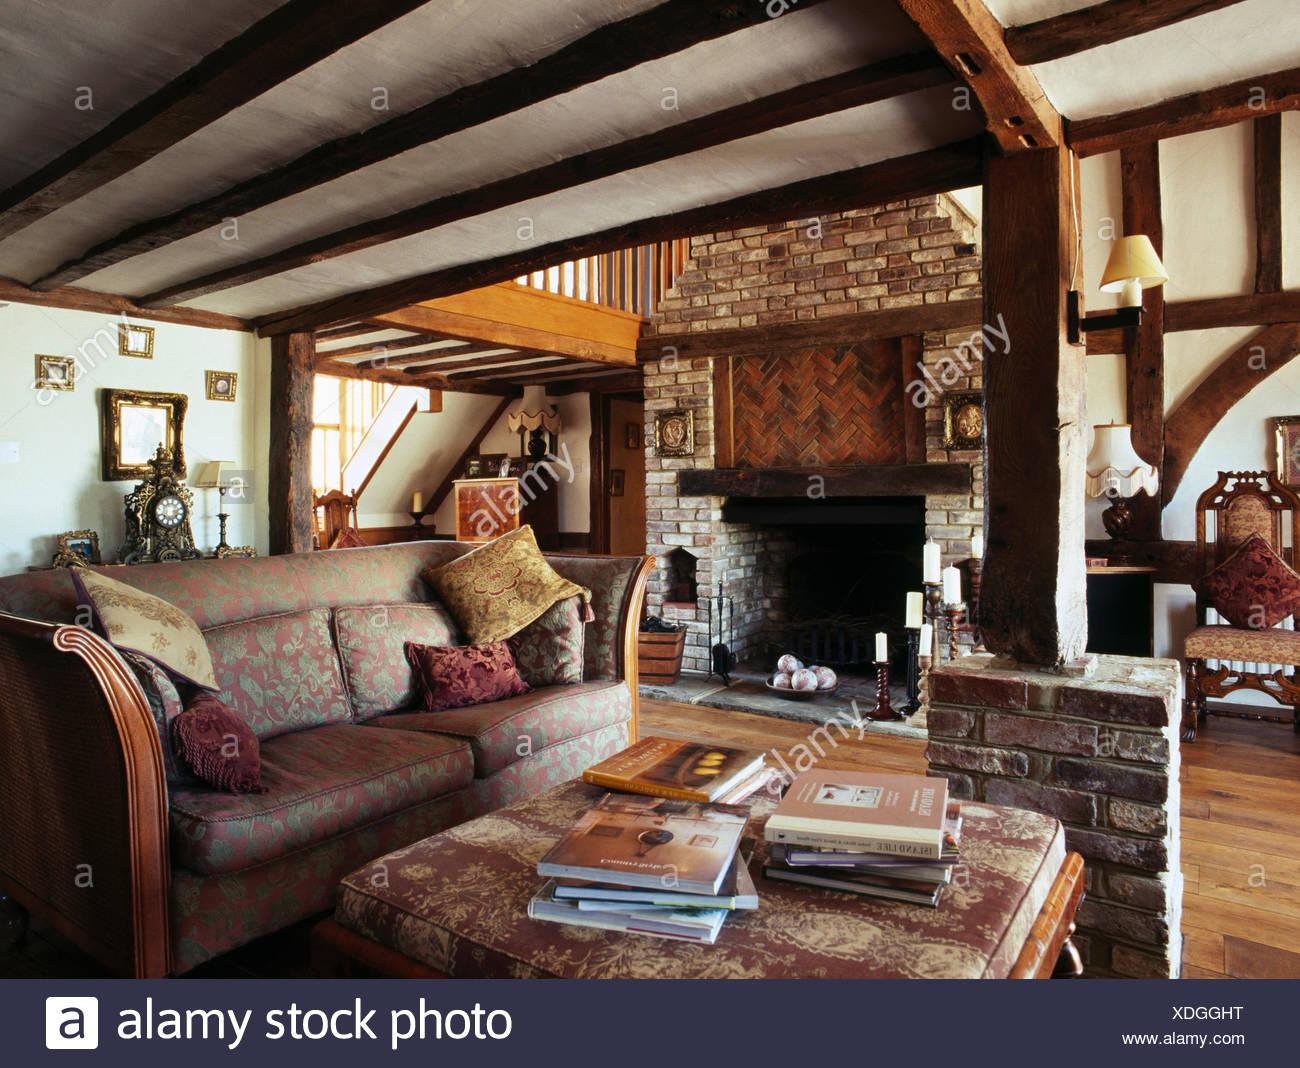 gemusterten sofa im wohnzimmer mit gemauerten kamin und holzbalken